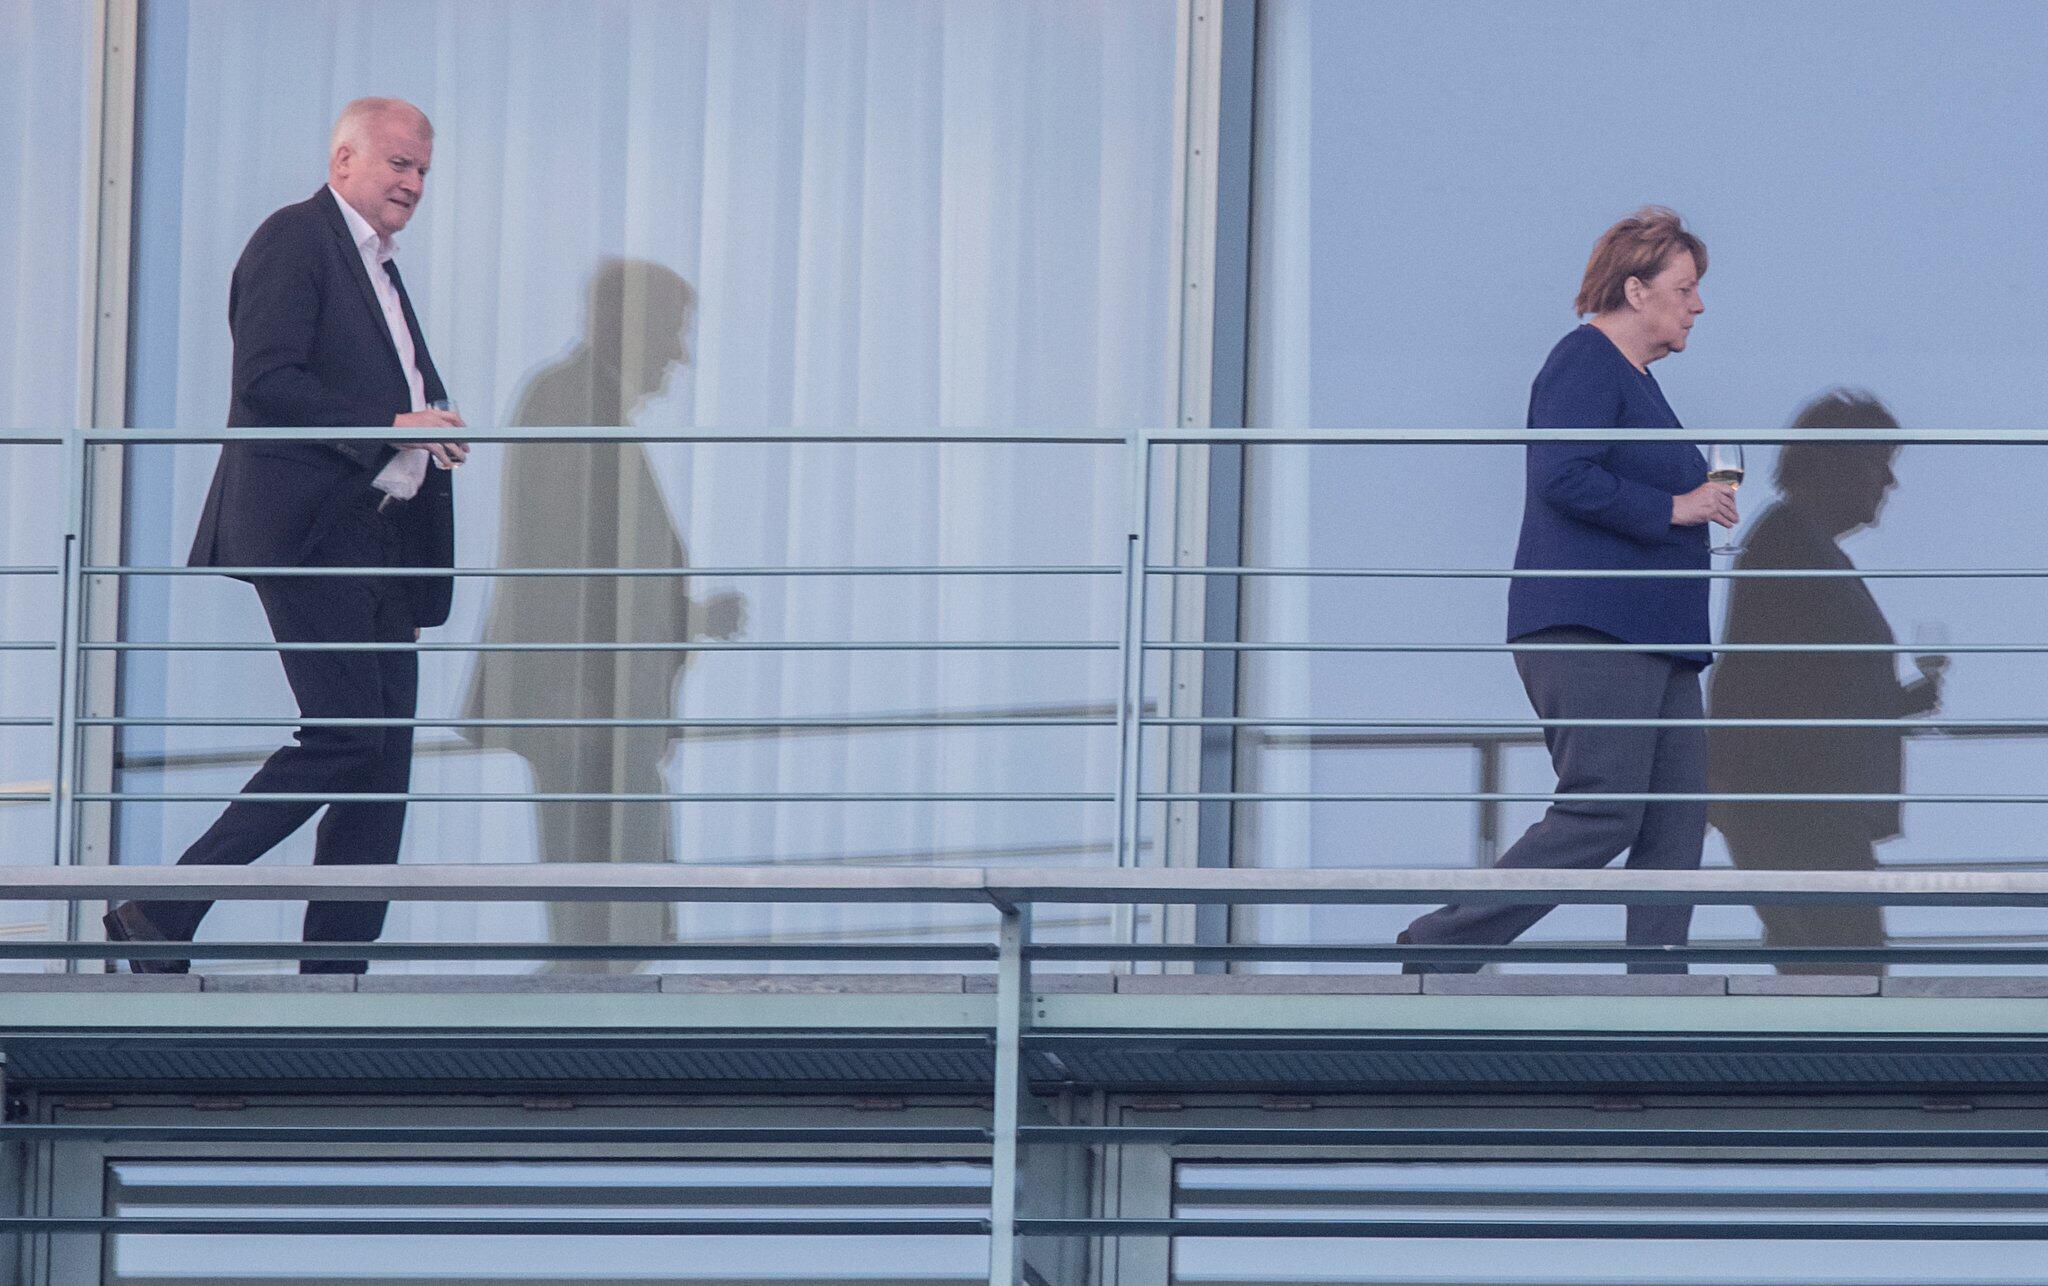 Bild zu Merkel meets Seehofer at the German chancellery